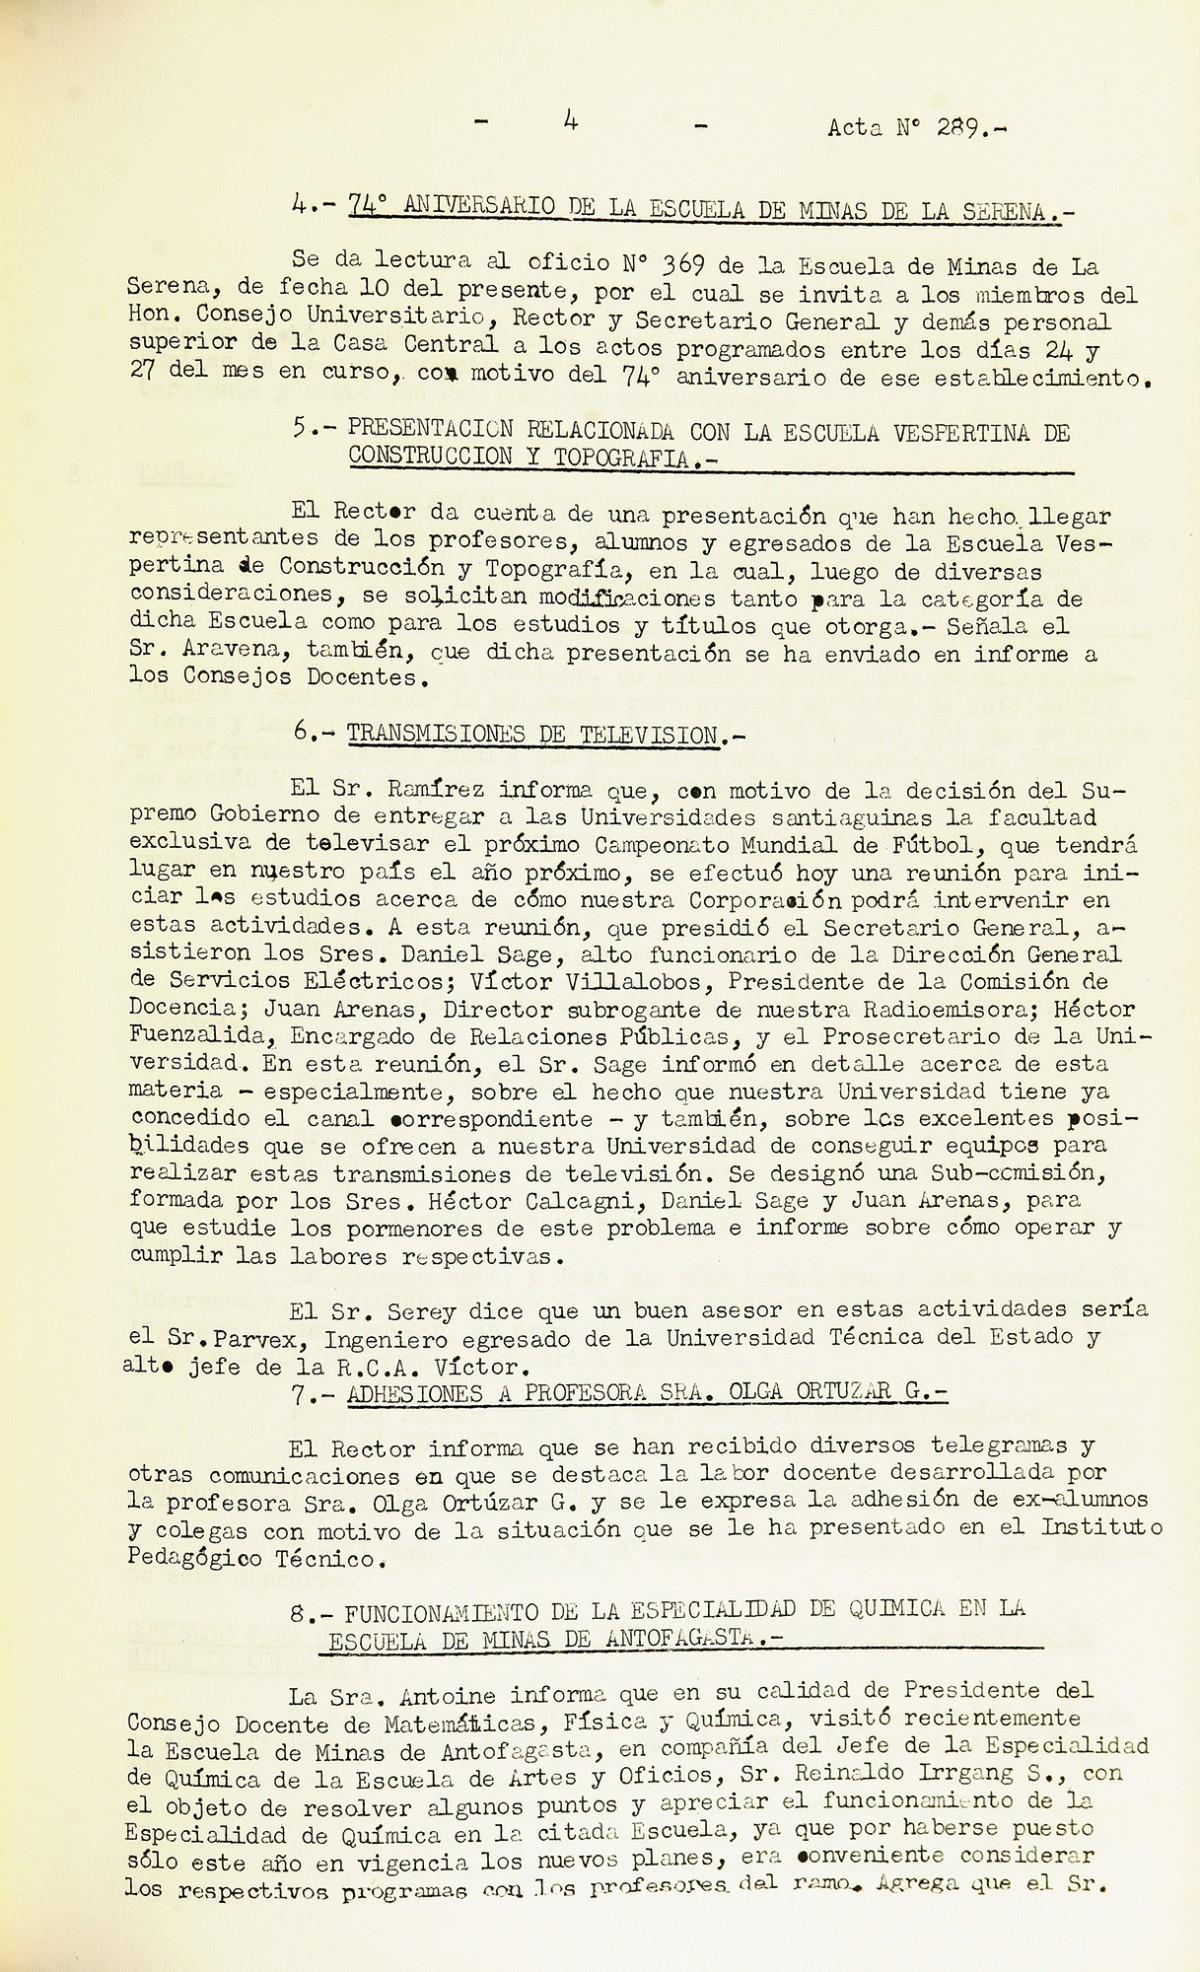 Esta imagen es resguardada por el Archivo Patrimonial de la Universidad de Santiago de Chile. Cualquier consulta acerca de las condiciones de uso y de propiedad, comunicarse a archivopatrimonial@usach.cl